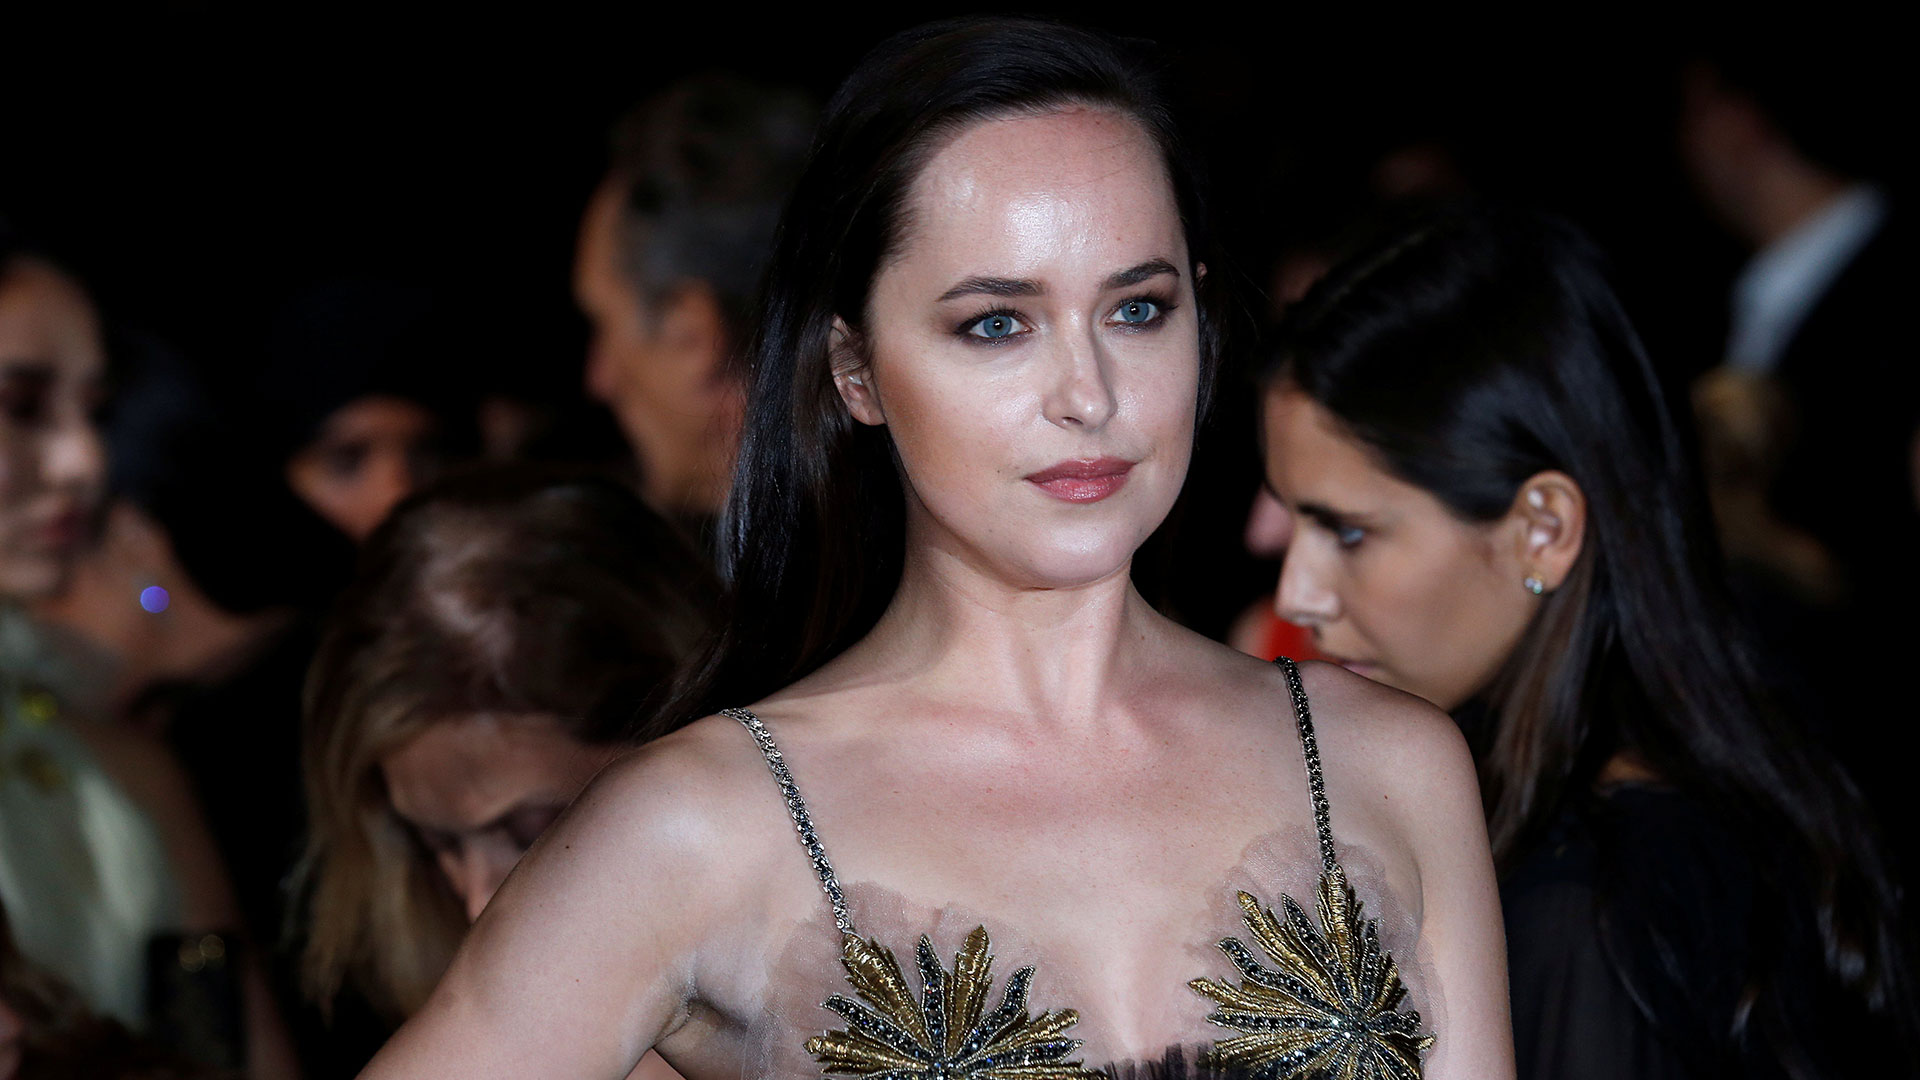 La actriz Dakota Johnson llevó un vestido de Gucci, con partesde tul orgánico y paños reutilizados (Reuters)